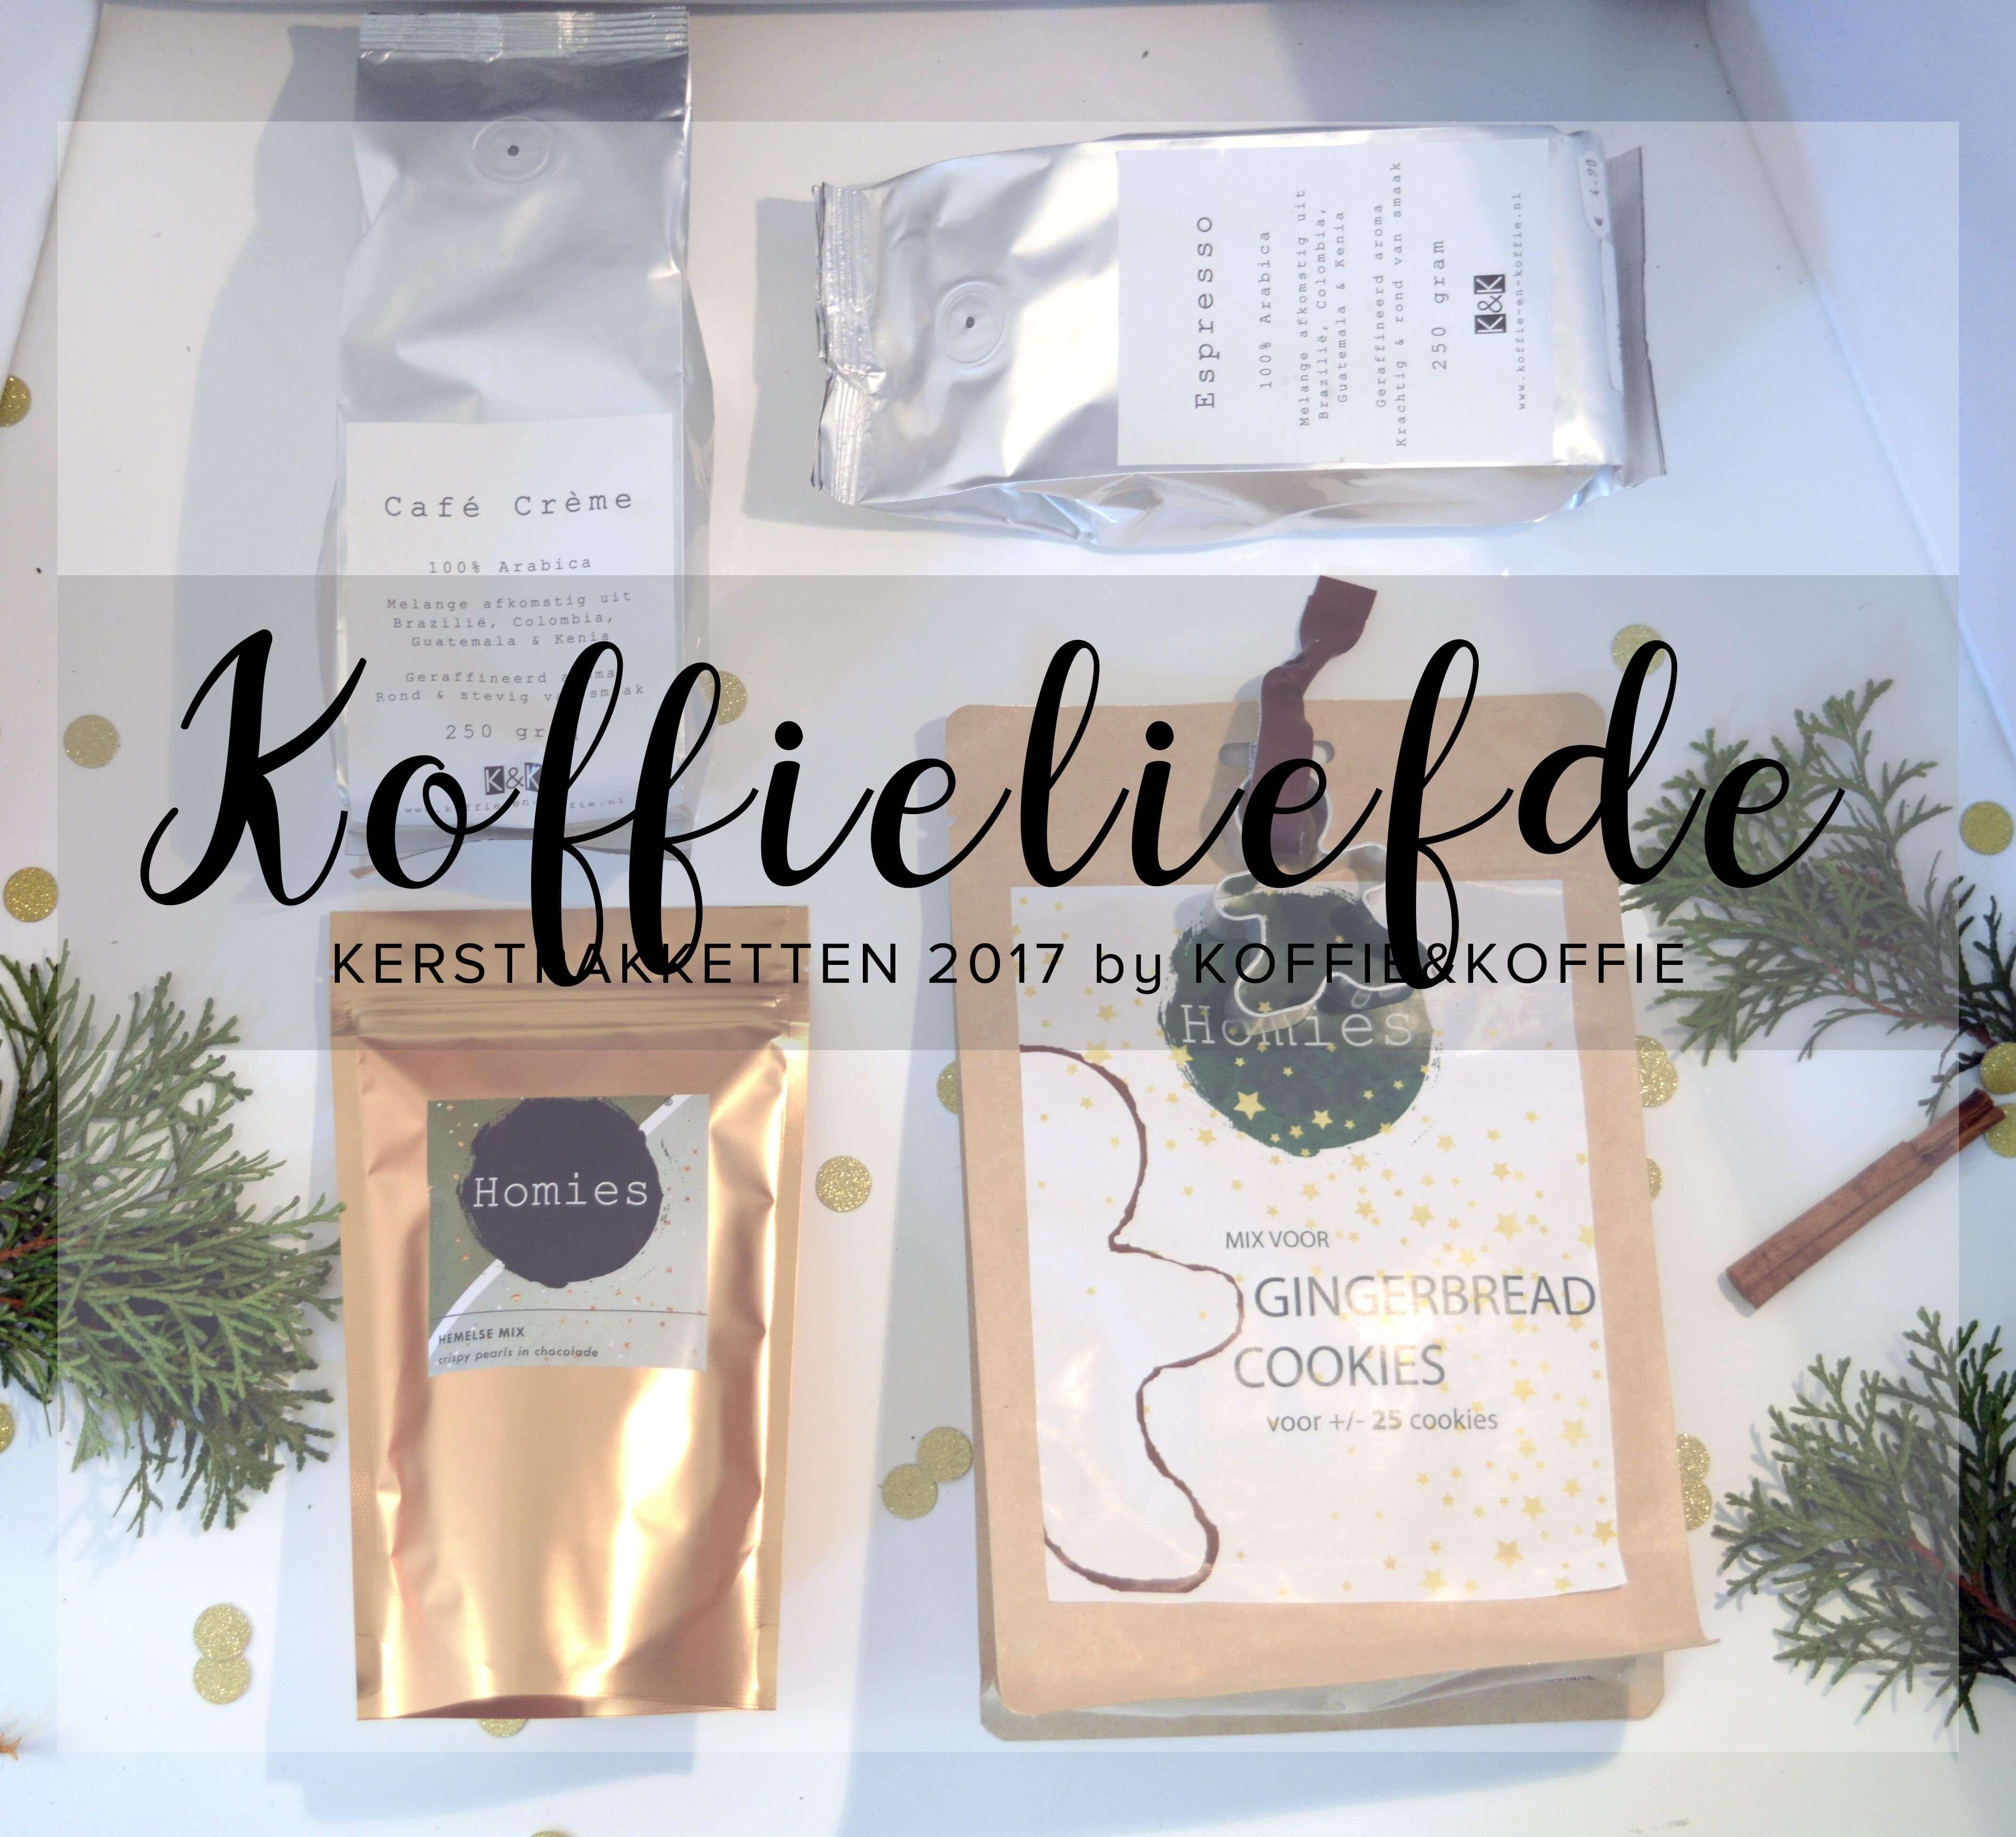 K&K Kerstpakket Koffieliefde